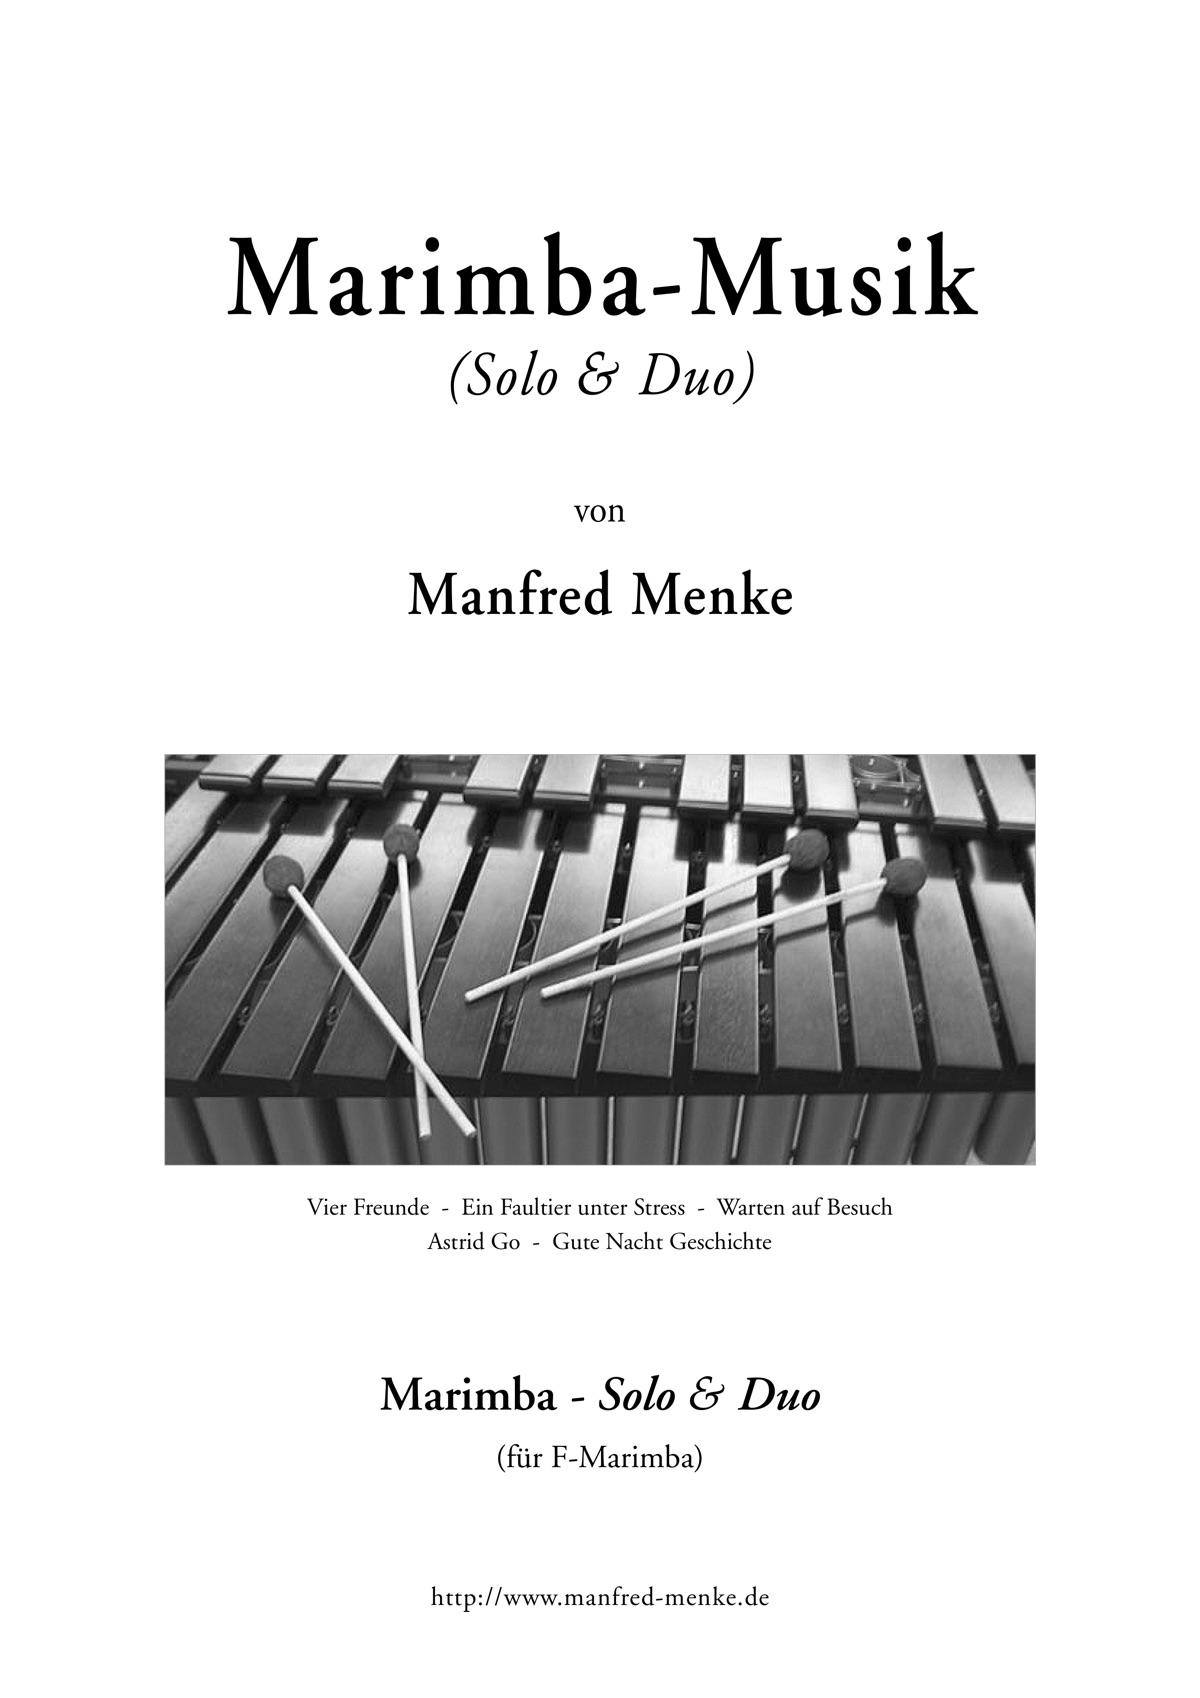 Marimba-Musik